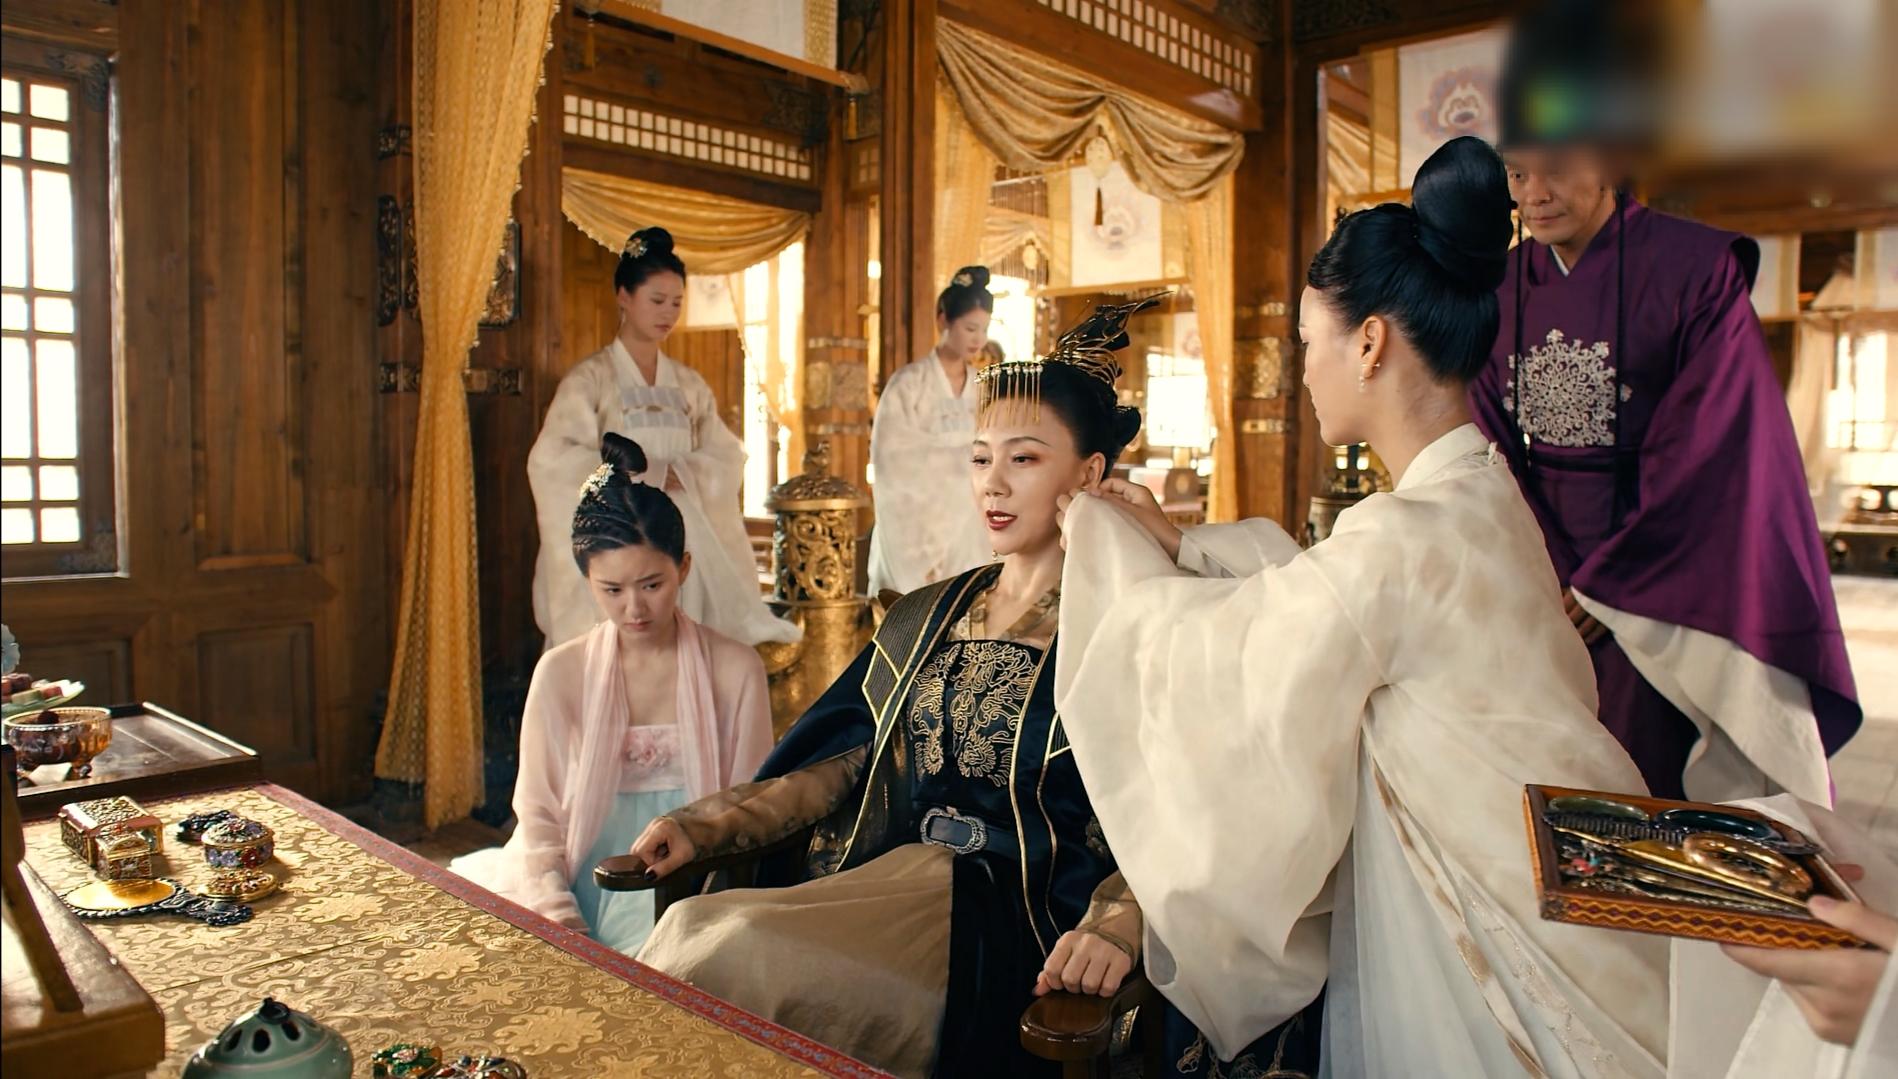 《传闻中的陈芊芊》:同样都是女儿,为什么城主偏爱陈芊芊?